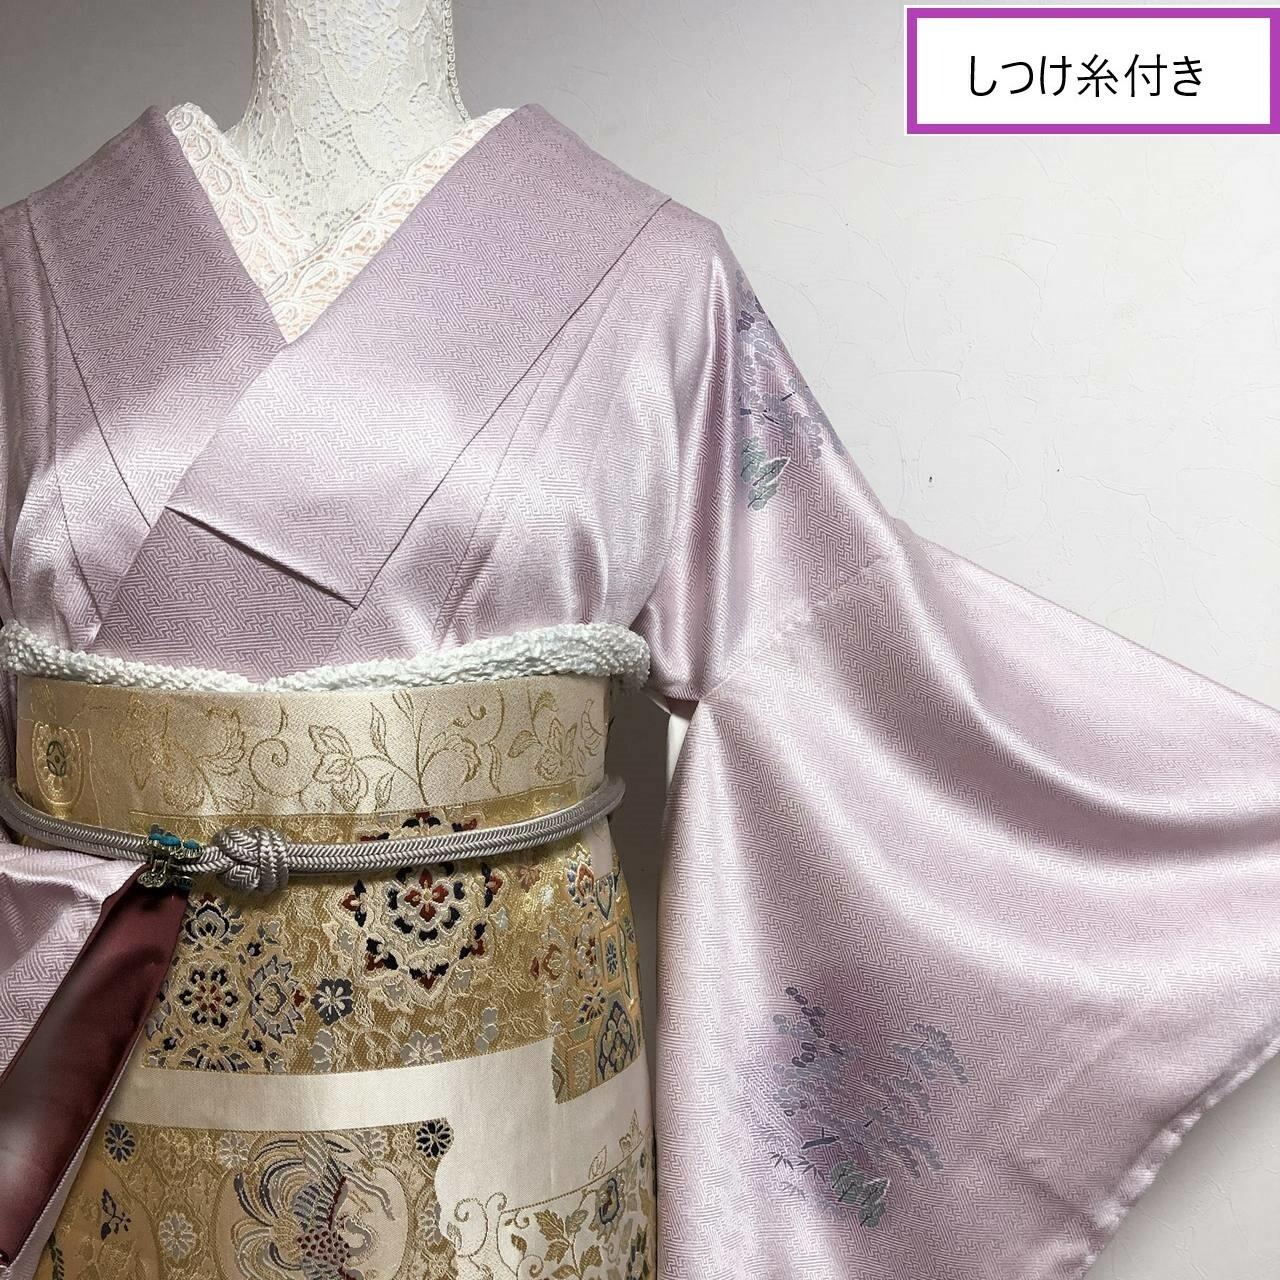 【しつけ付き】未着用 華やか付下げ 屋敷に松梅季節の草花 薄紫色 丈164裄65